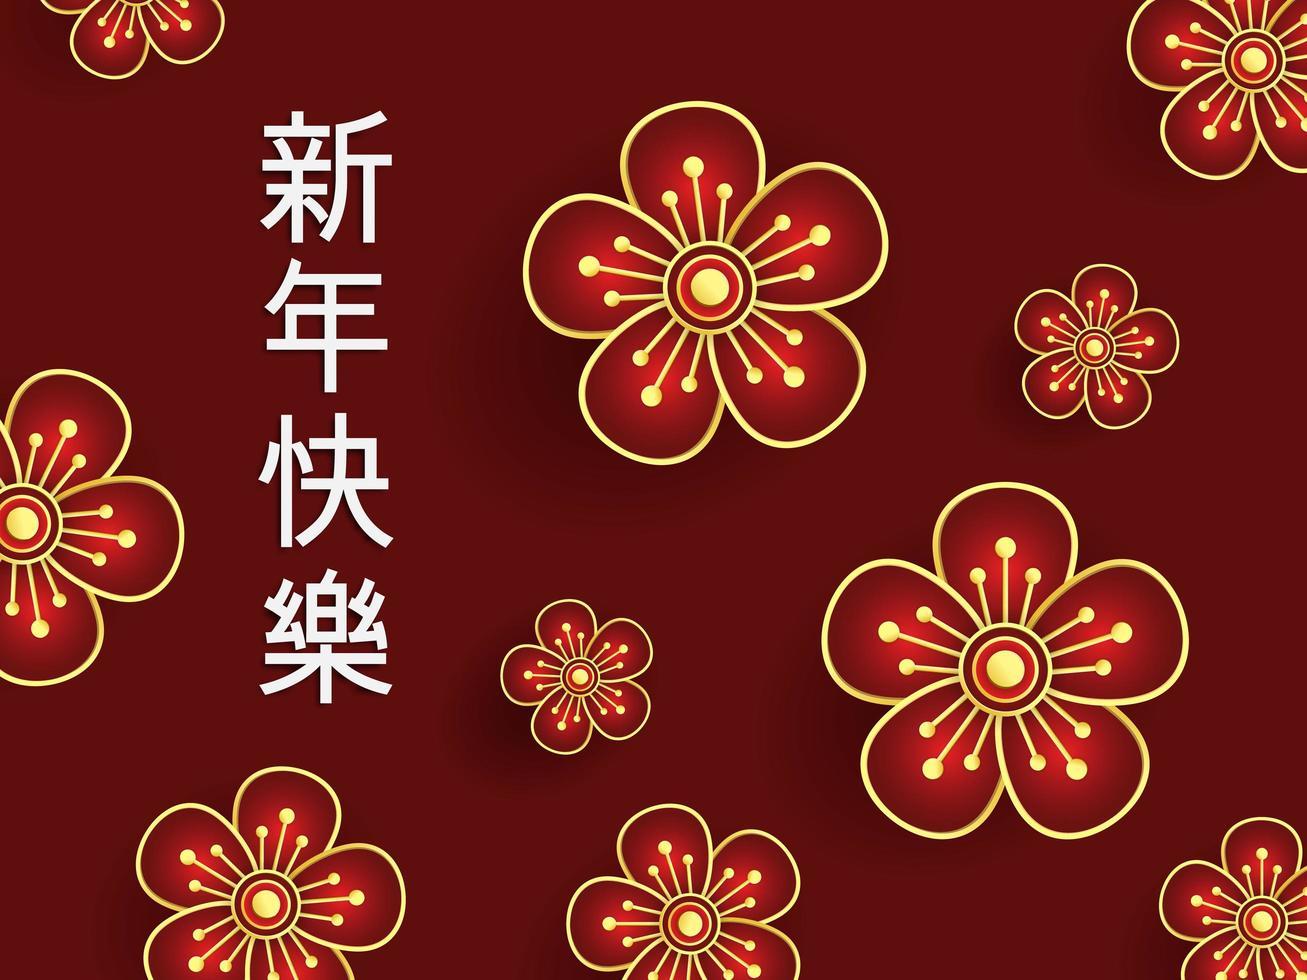 rode bloemenillustratie met Chinese kalligrafie op rode achtergrond vector